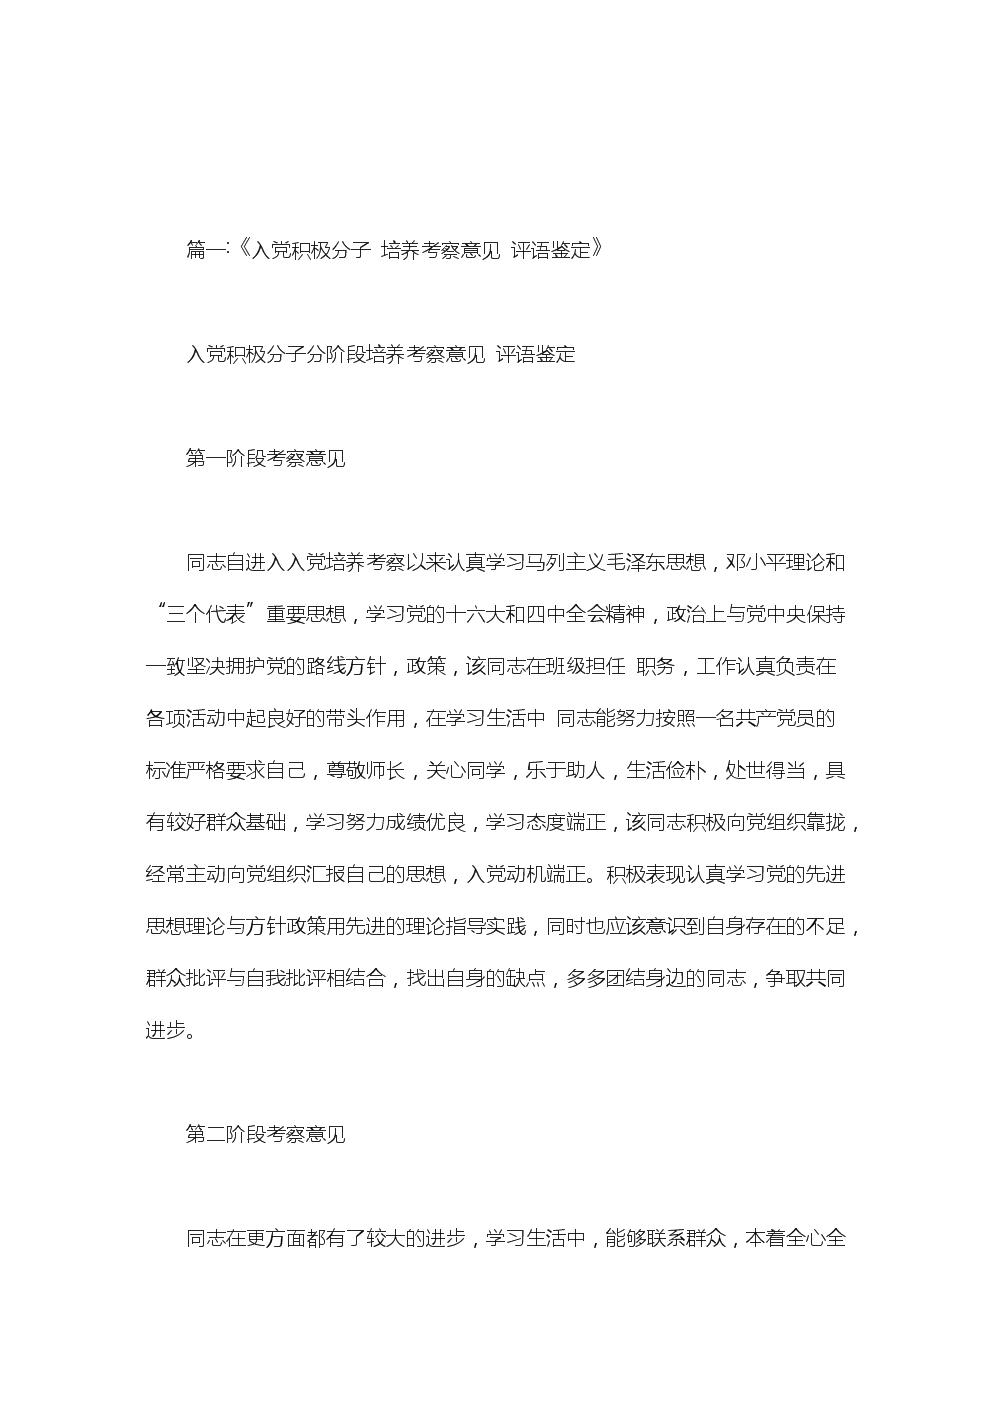 大学生入党积极分子考察意见范文.doc